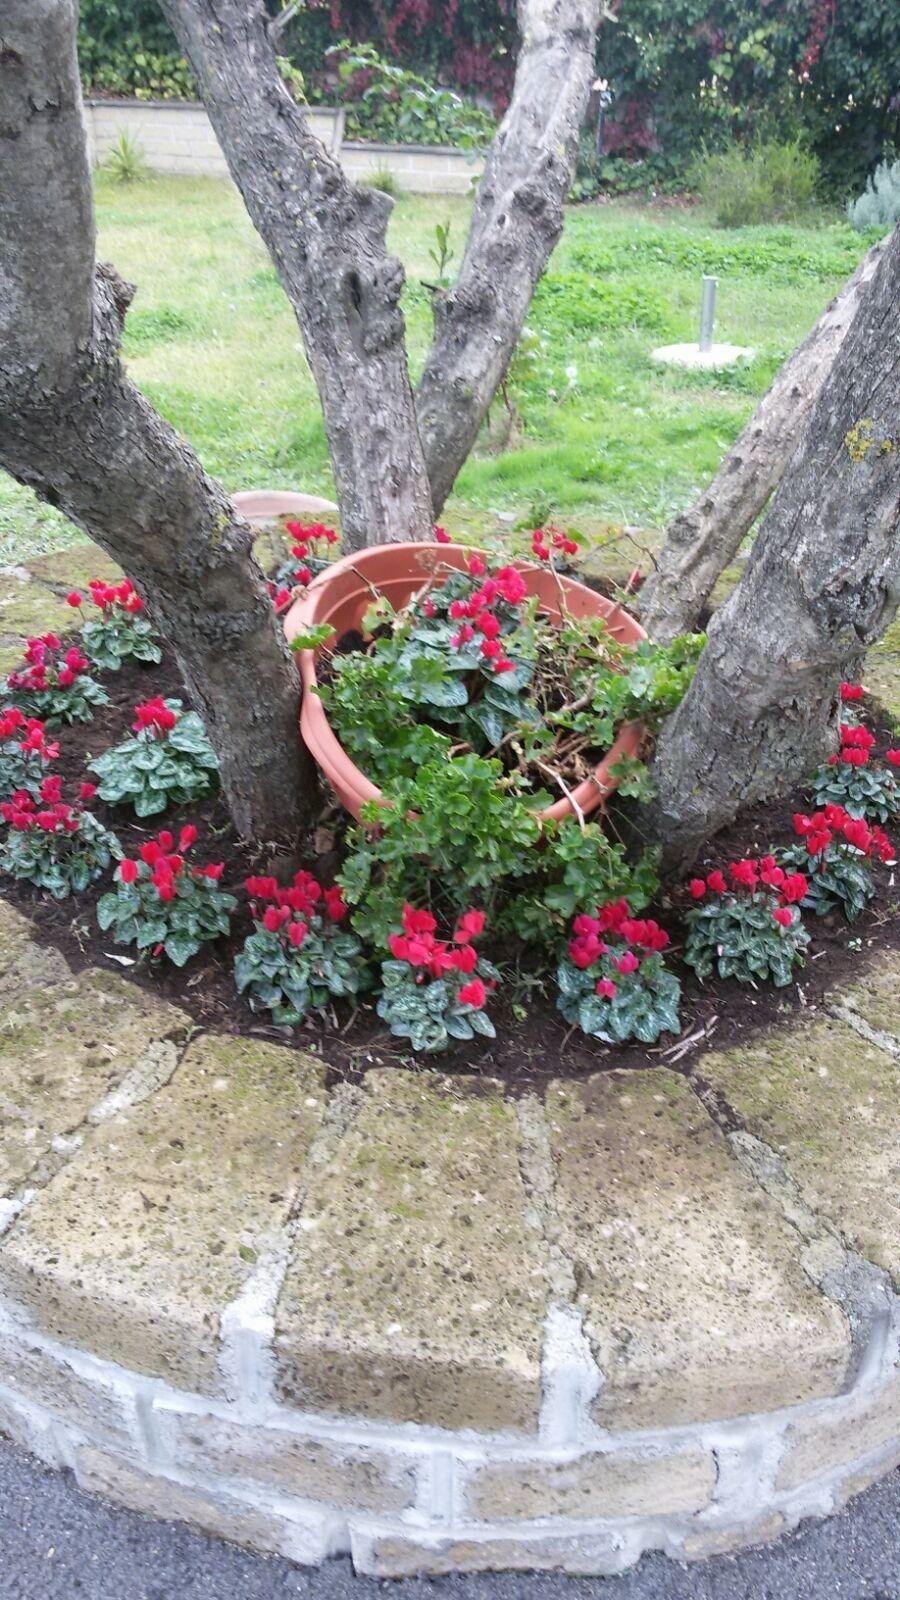 alberi con fiori piante in un giardino